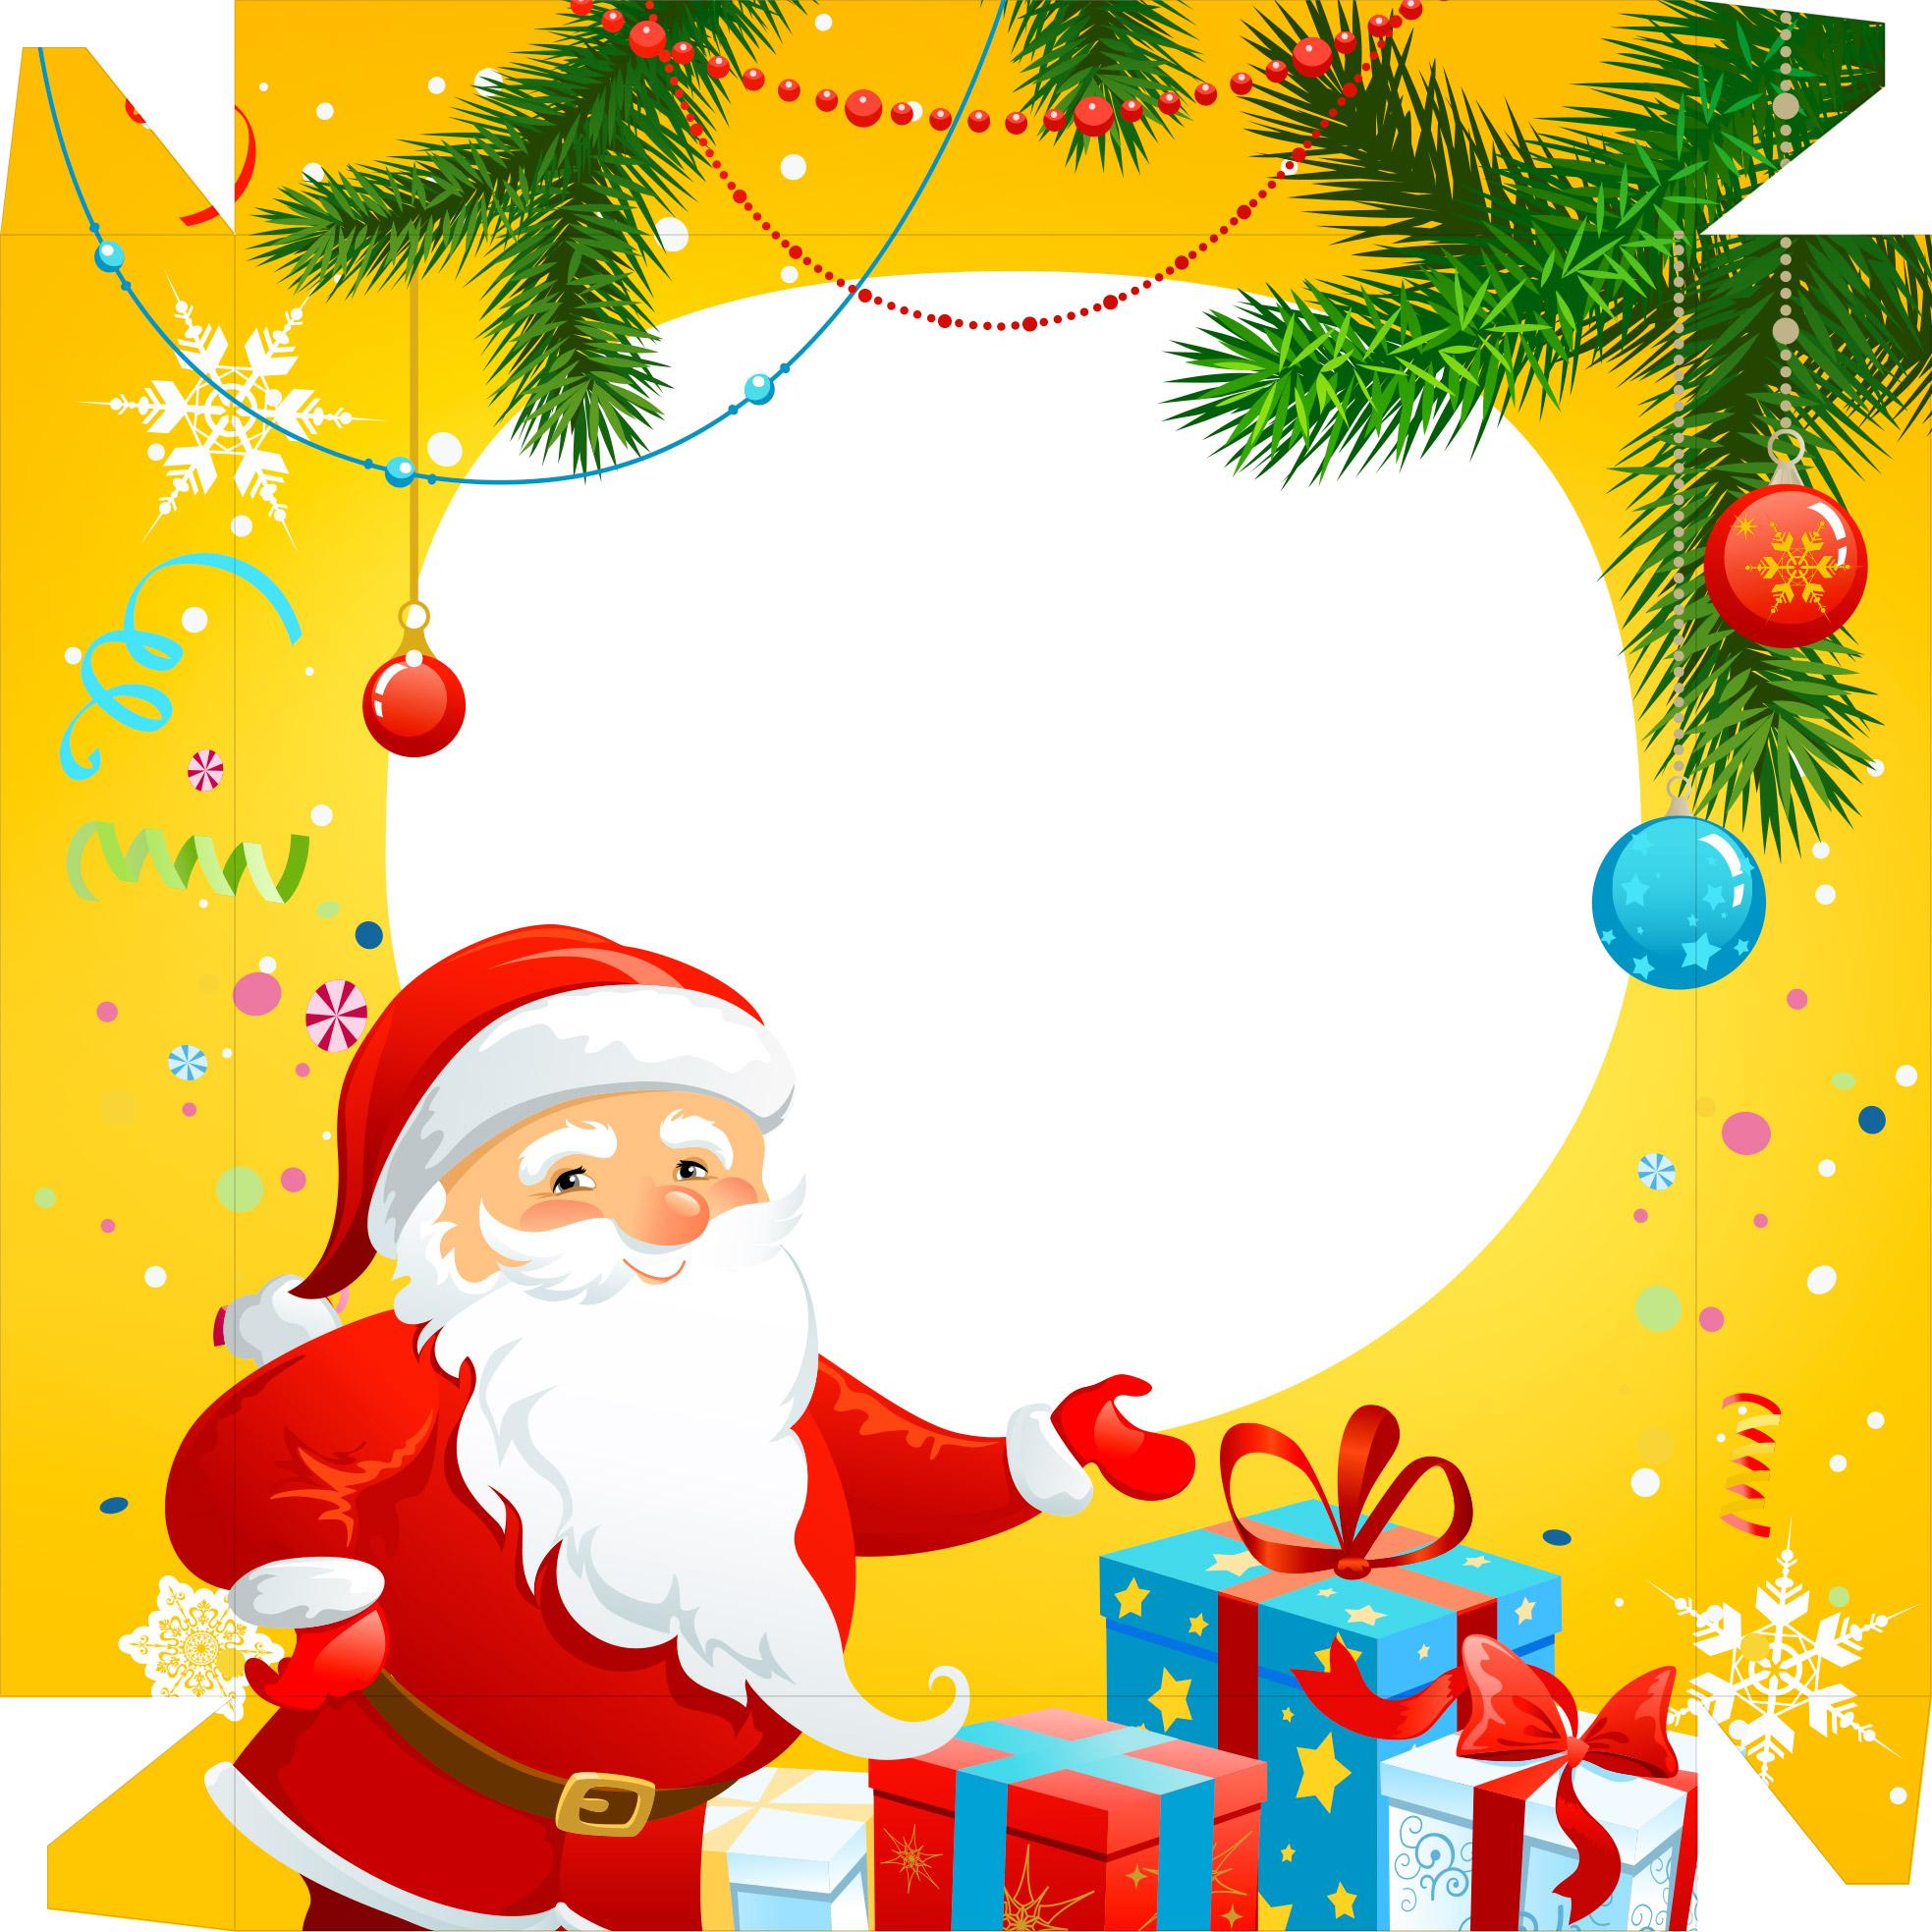 Caixa Bombom Presente Natal Parte De Cima Fazendo A Nossa Festa